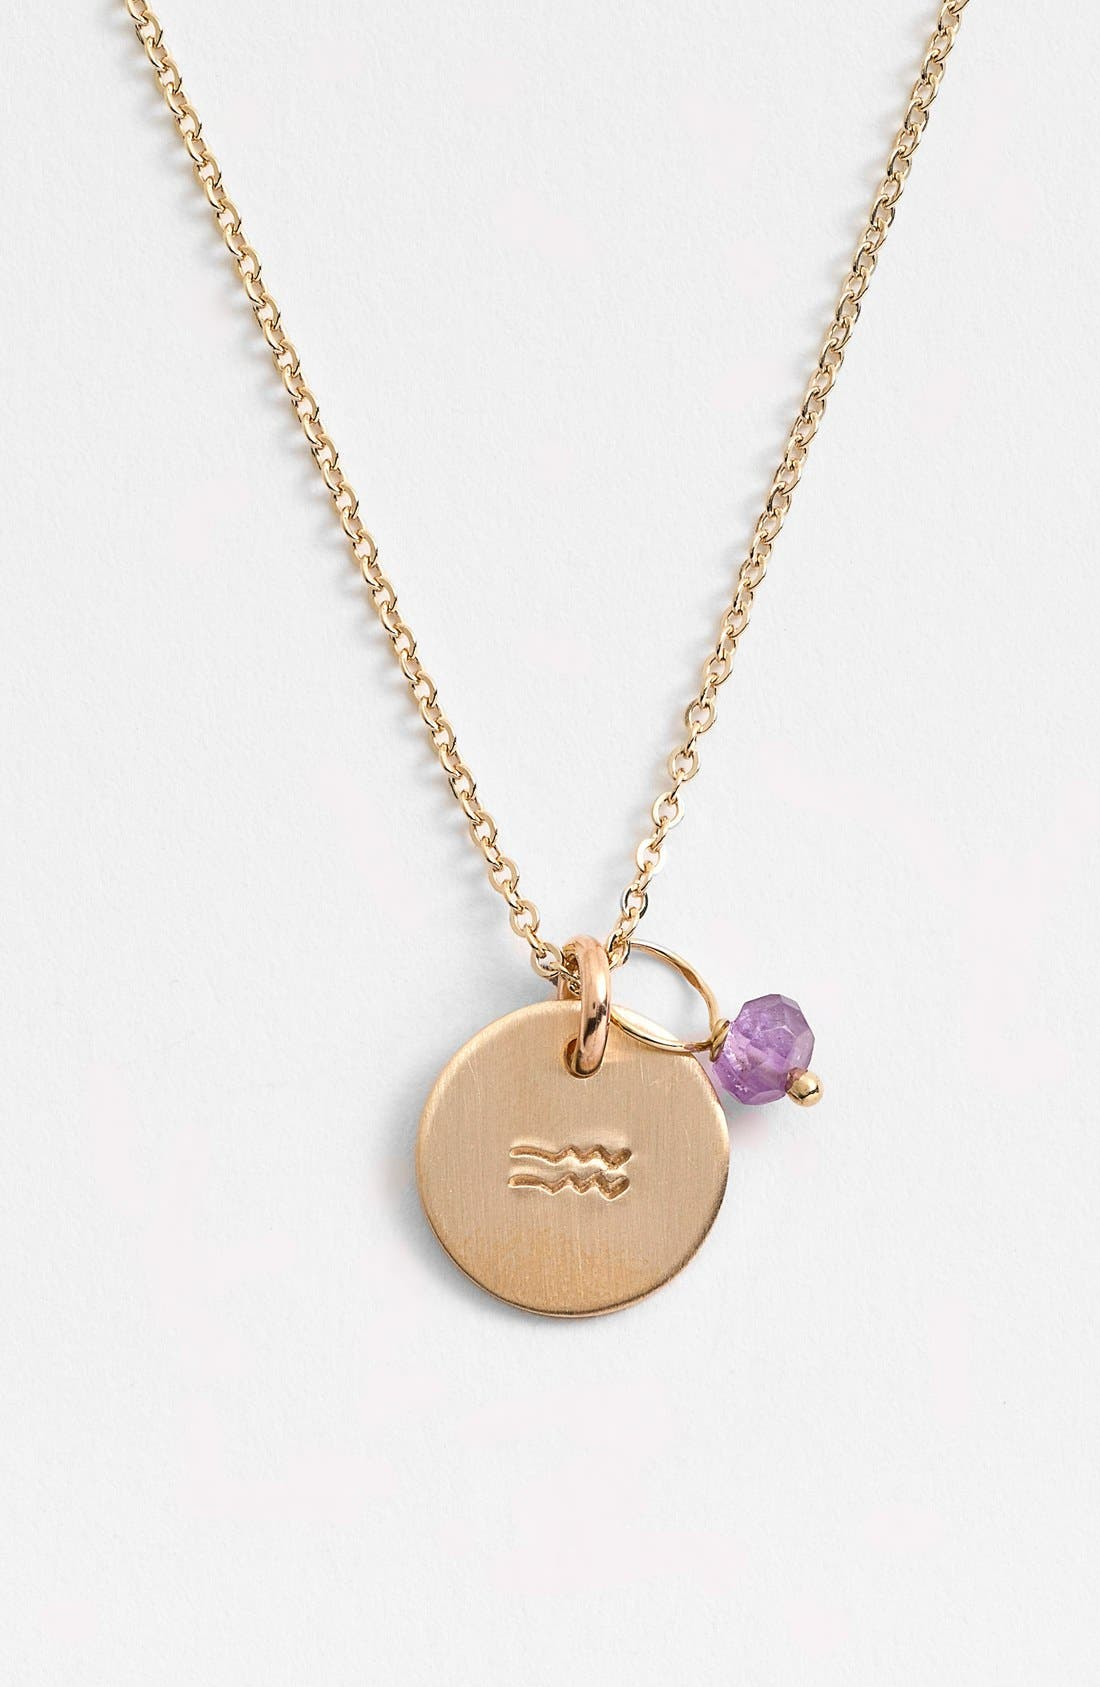 Nashelle 14k-Gold Fill & Semiprecious Birthstone Zodiac Mini Disc Necklace